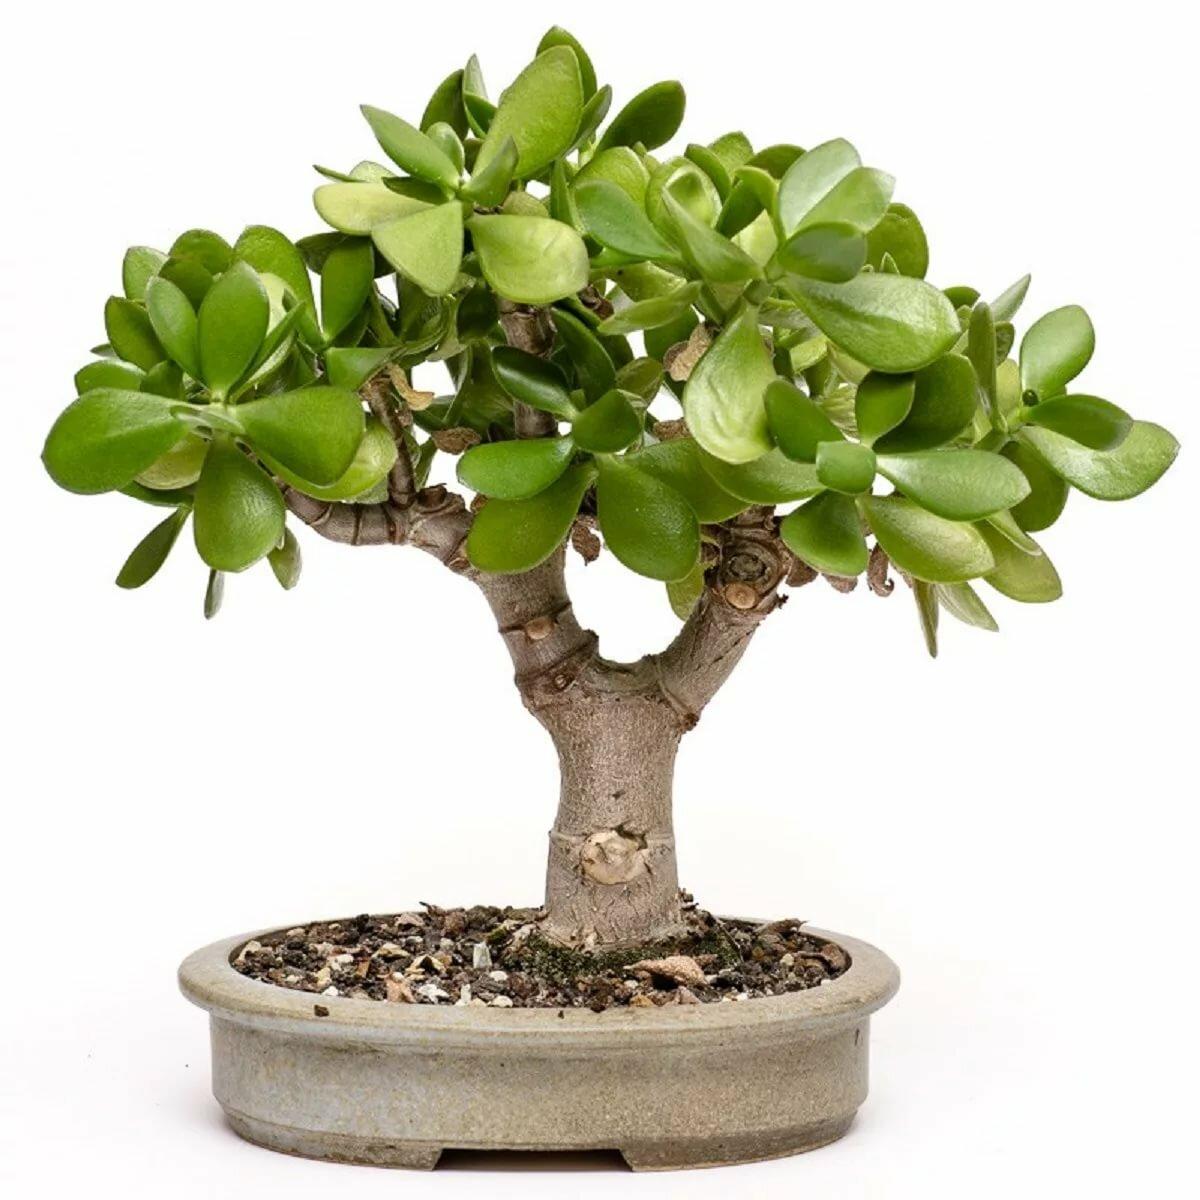 удивляешь цветок денежное дерево фото разновидности потому, что хоть